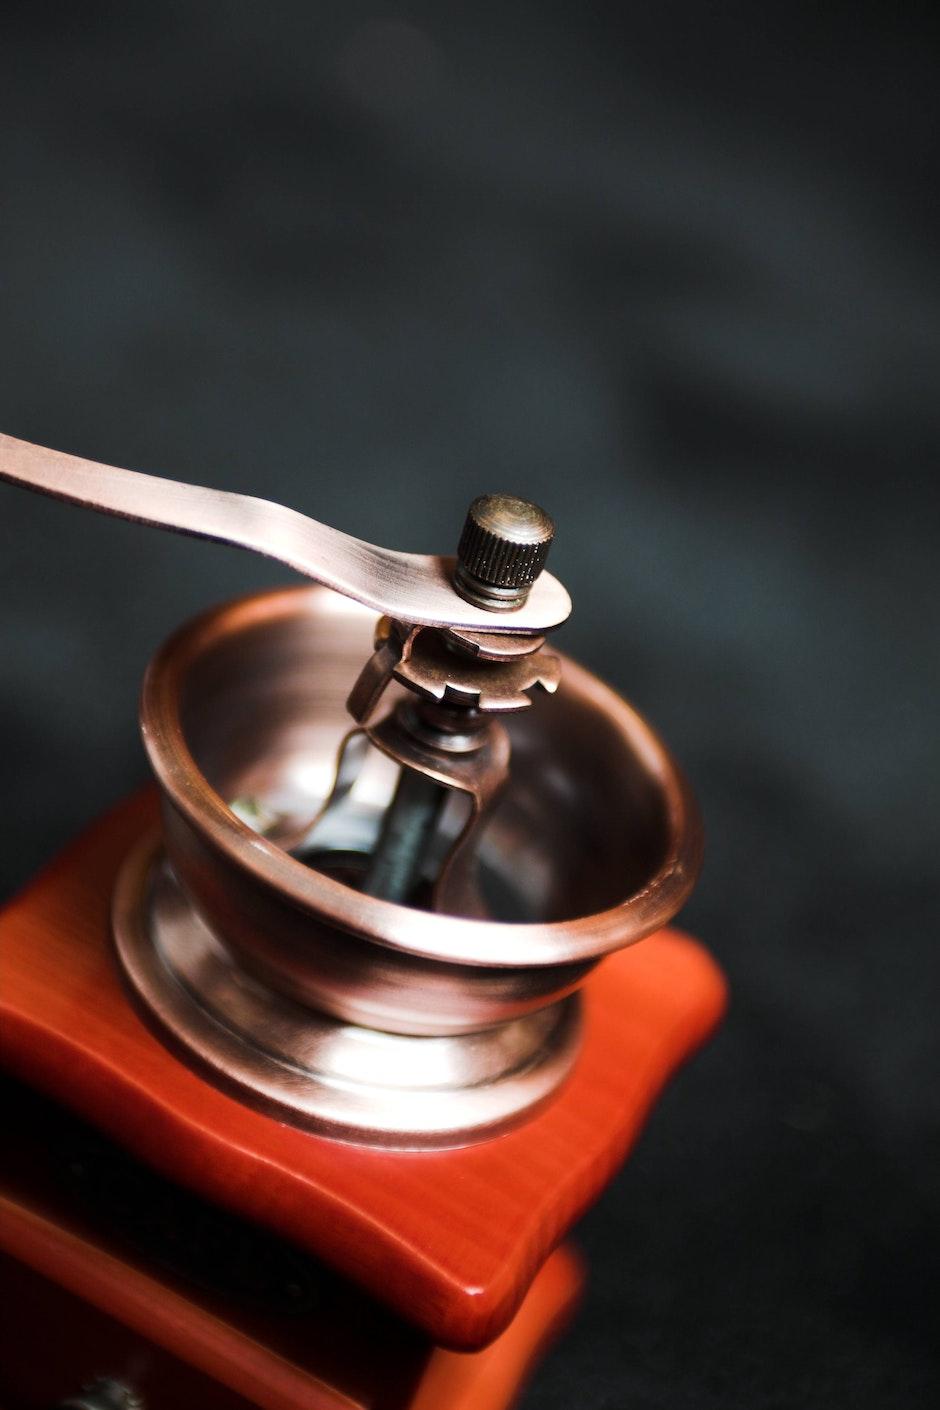 coffee, grinder, machine